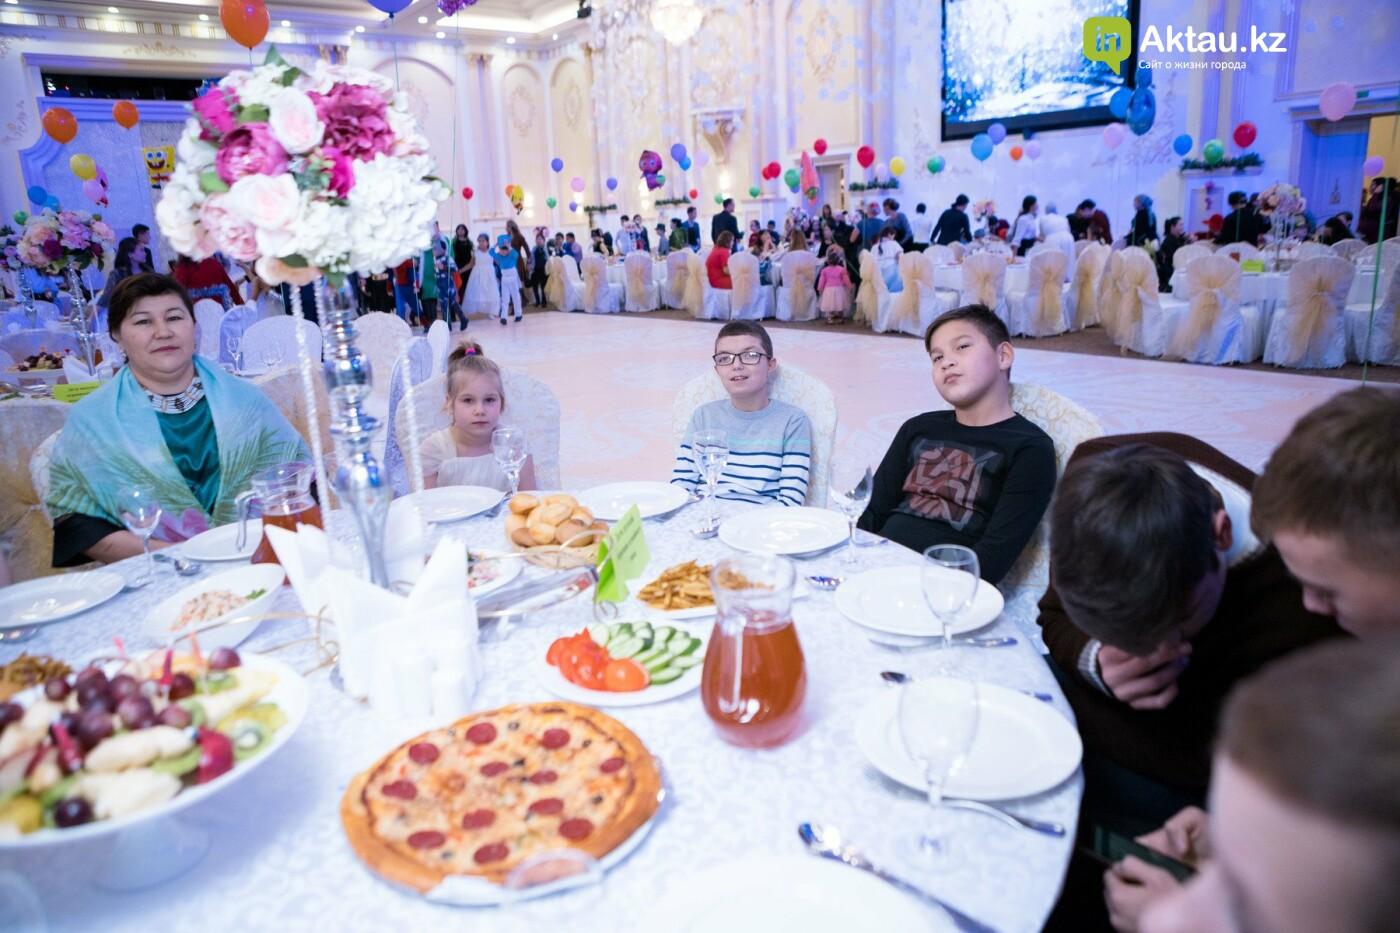 Новогодний праздник устроили детям из малоимущих семей в Актау, фото-3